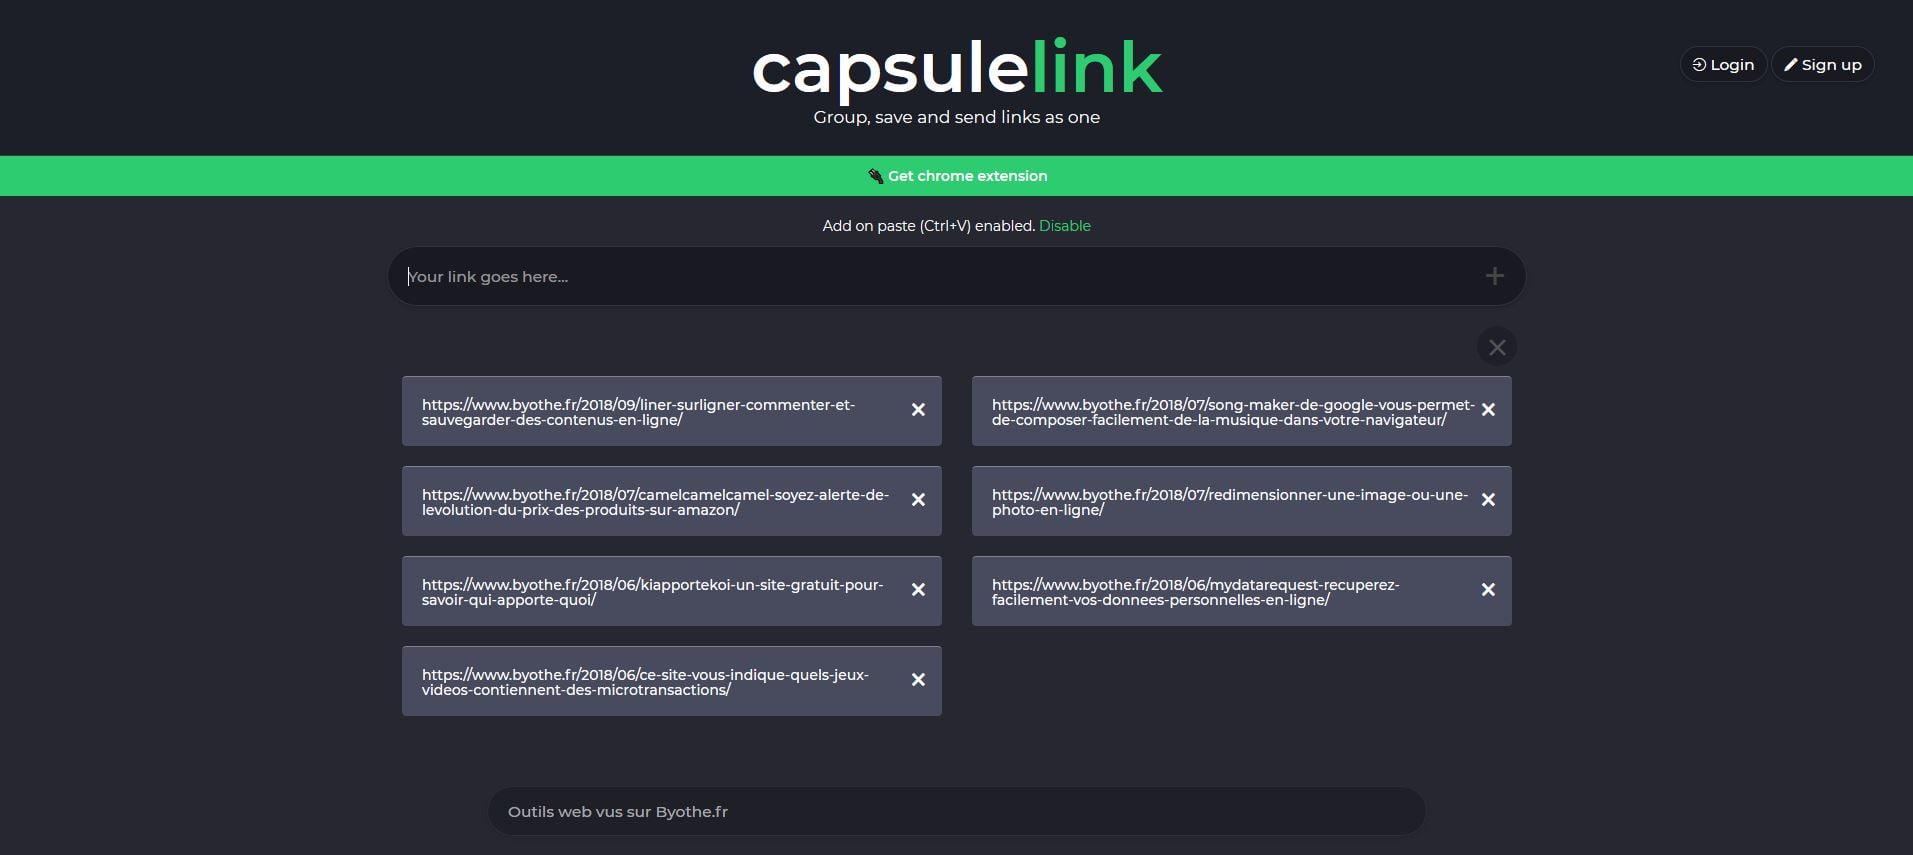 capsulelink Le top 20 des outils et sites web 2018 sur Byothe.fr !